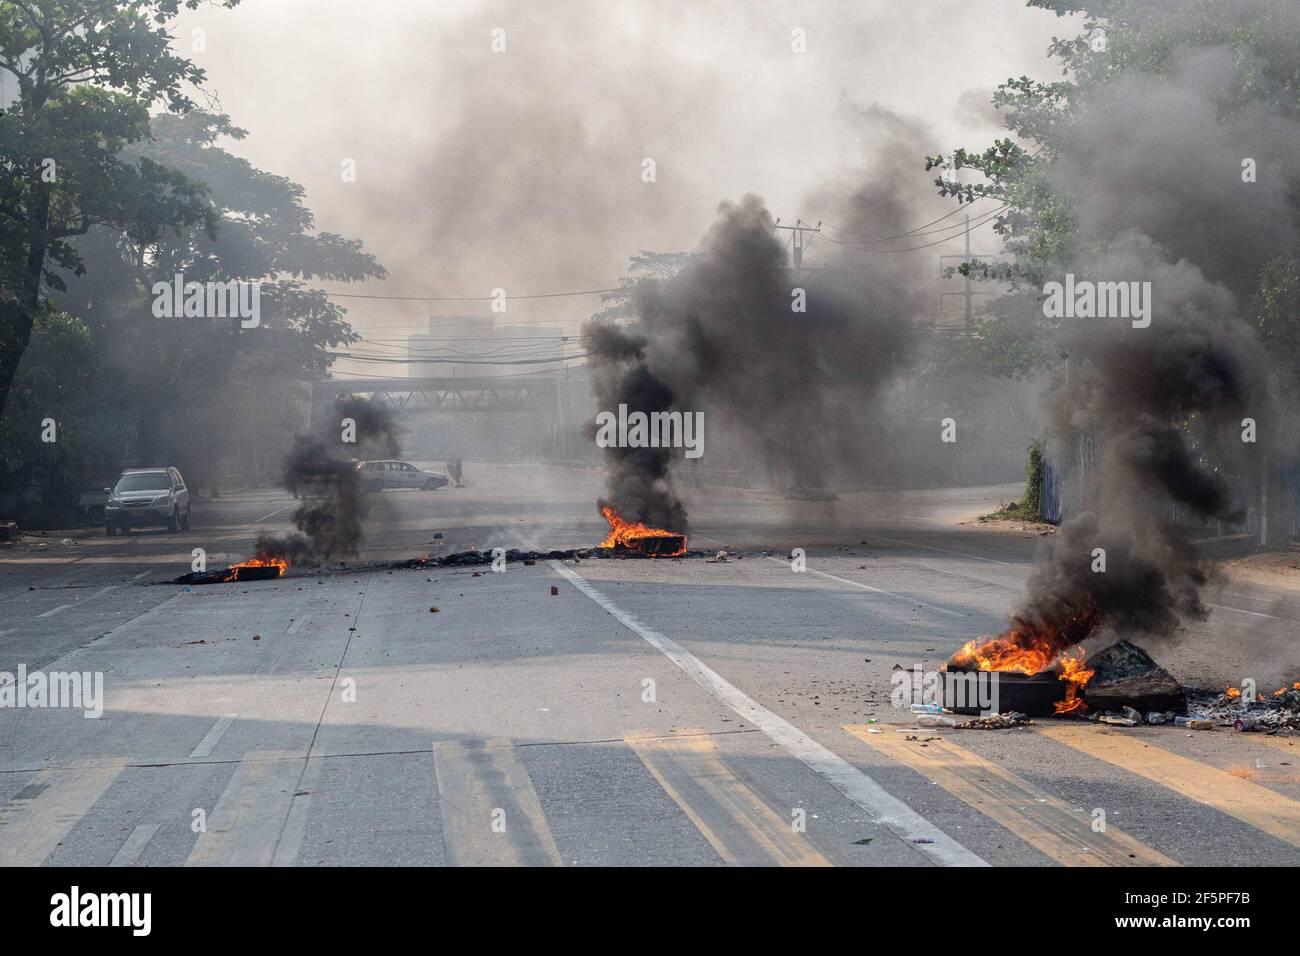 Des pneus en feu vus au milieu de la rue pour empêcher la police et l'armée d'atteindre les manifestants anti-démocratie lors d'une manifestation contre le coup d'État militaire.la police et les militaires du Myanmar (tatmadow) ont attaqué les manifestants avec des balles en caoutchouc, des munitions réelles, Des gaz lacrymogènes et des bombes lacrymogènes en réponse aux manifestants anti-coup d'État militaire samedi, tuant plus de 90 personnes et en blessant beaucoup d'autres. Au moins 300 personnes ont été tuées au Myanmar depuis le coup d'État du 1er février, a déclaré un responsable des droits de l'homme de l'ONU. Le conseiller militaire du Myanmar en détention d'État, Aung San Suu Kyi, le mois de février Banque D'Images